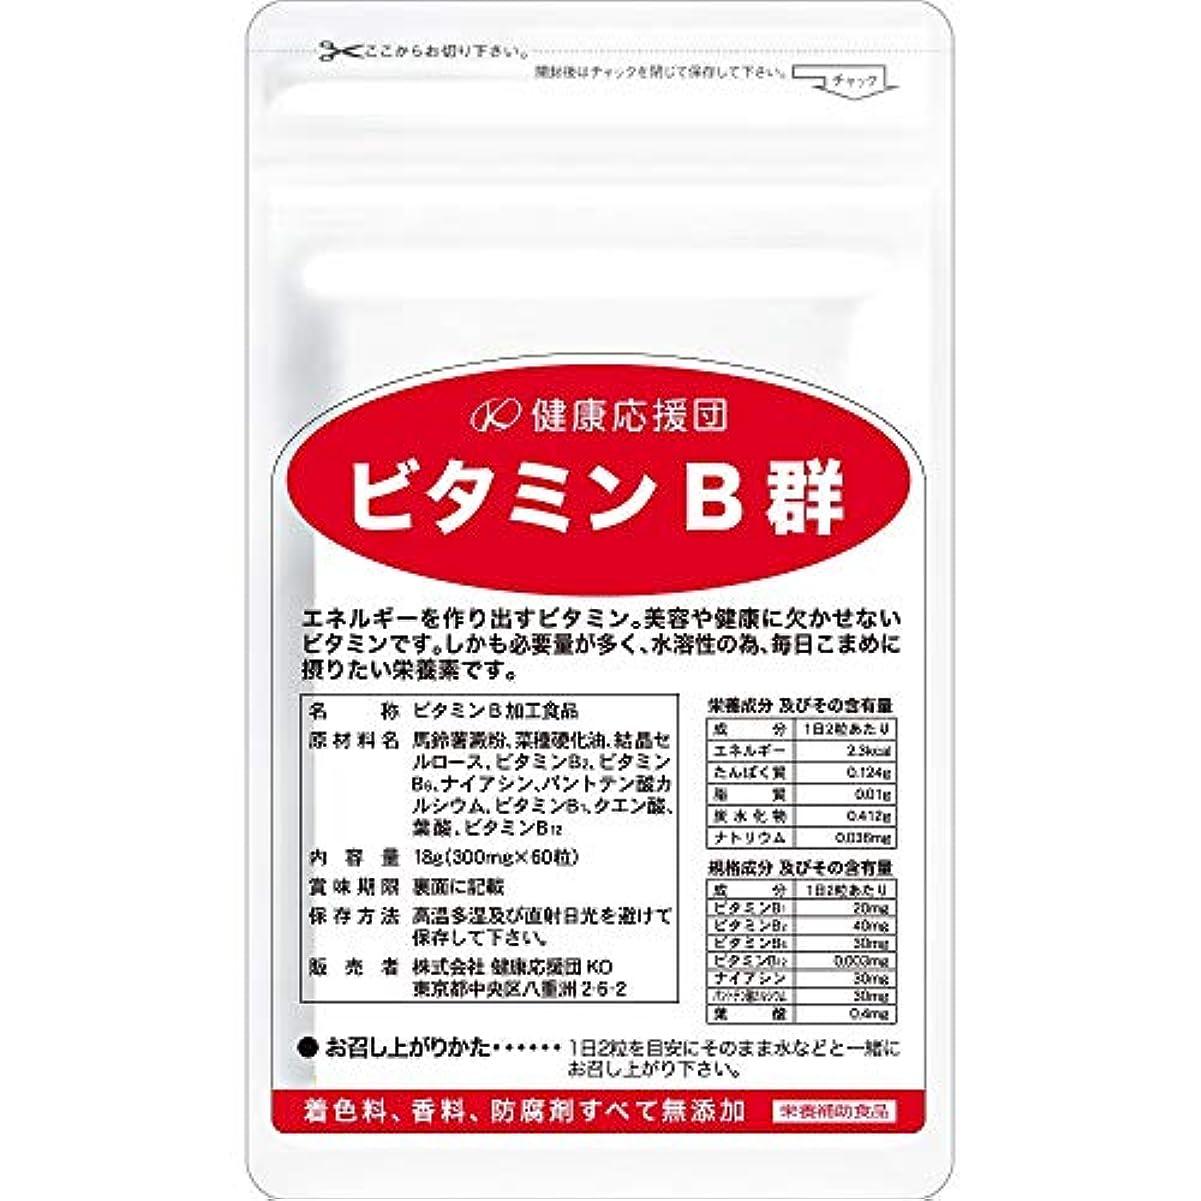 ホスト行商人食欲健康応援団 お徳用ビタミンB群(6か月分)6袋360粒(葉酸プラス)